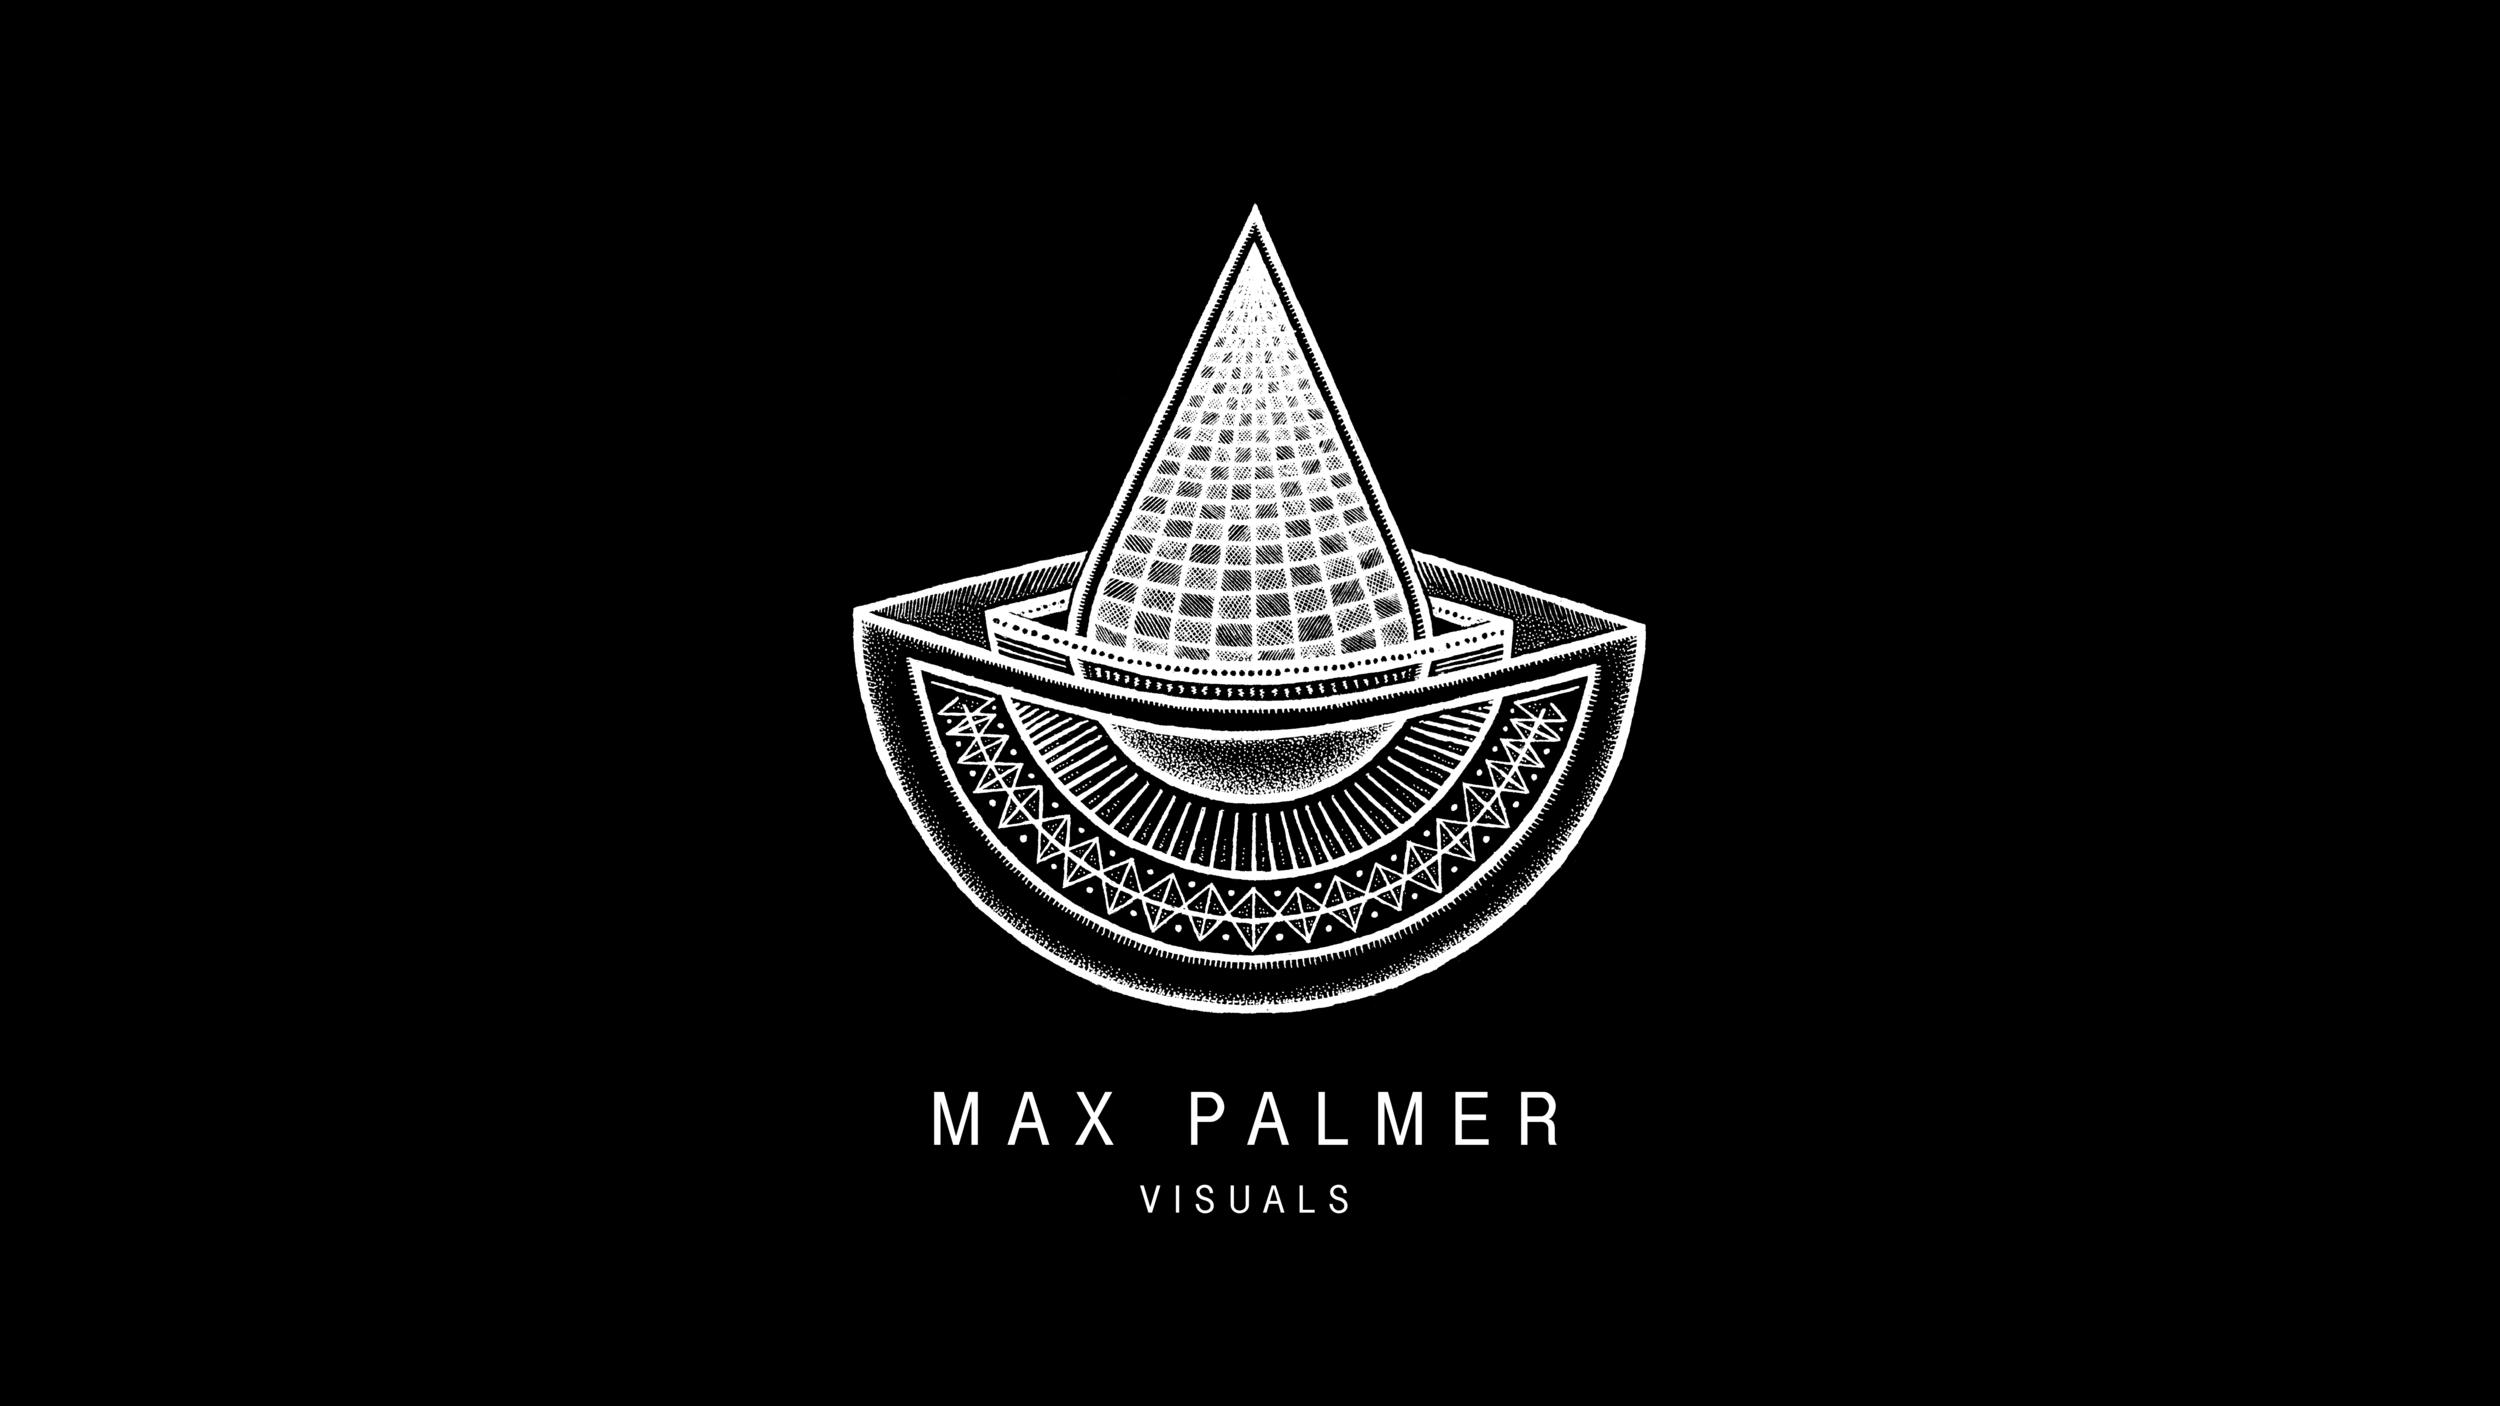 Max Palmer Visuals